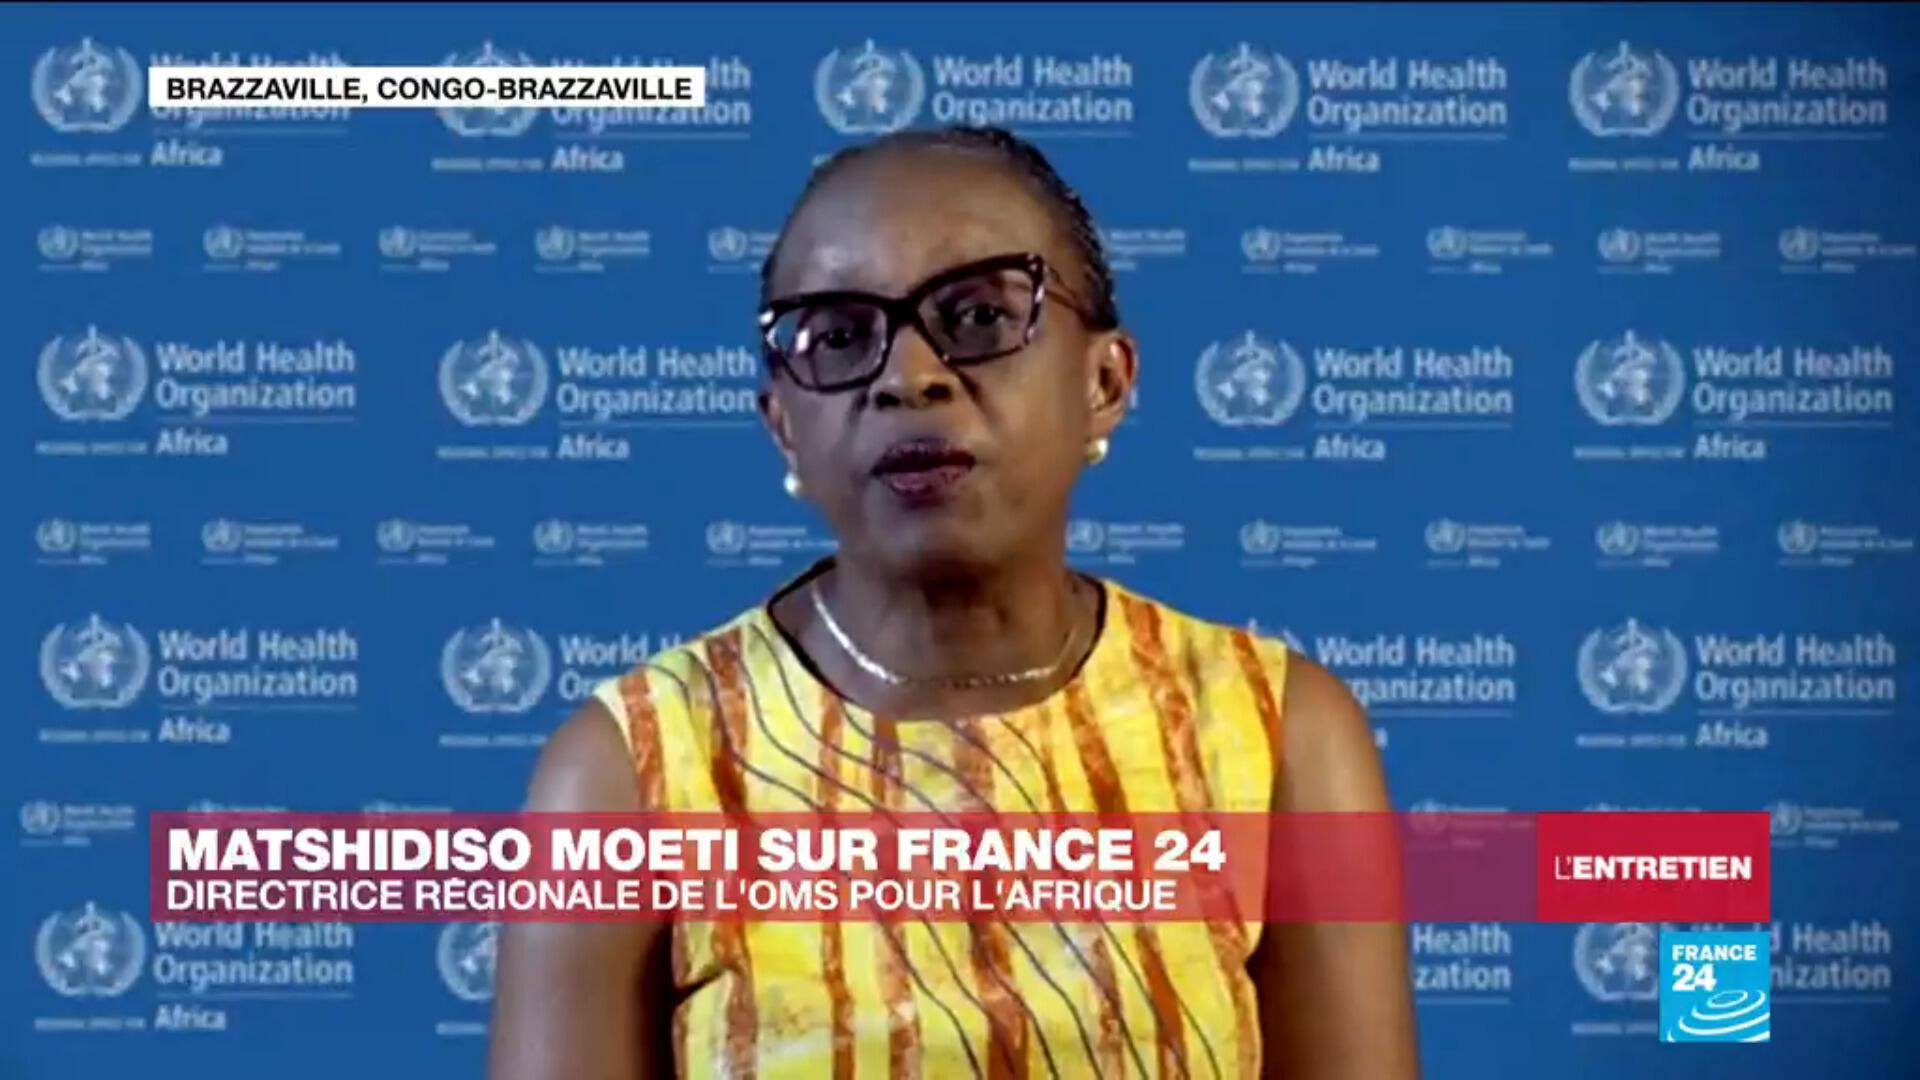 """Pour la directrice Afrique de l'OMS, Matshidiso Moeti, la situation en Afrique est """"très préoccupante"""" face au Covid-19"""